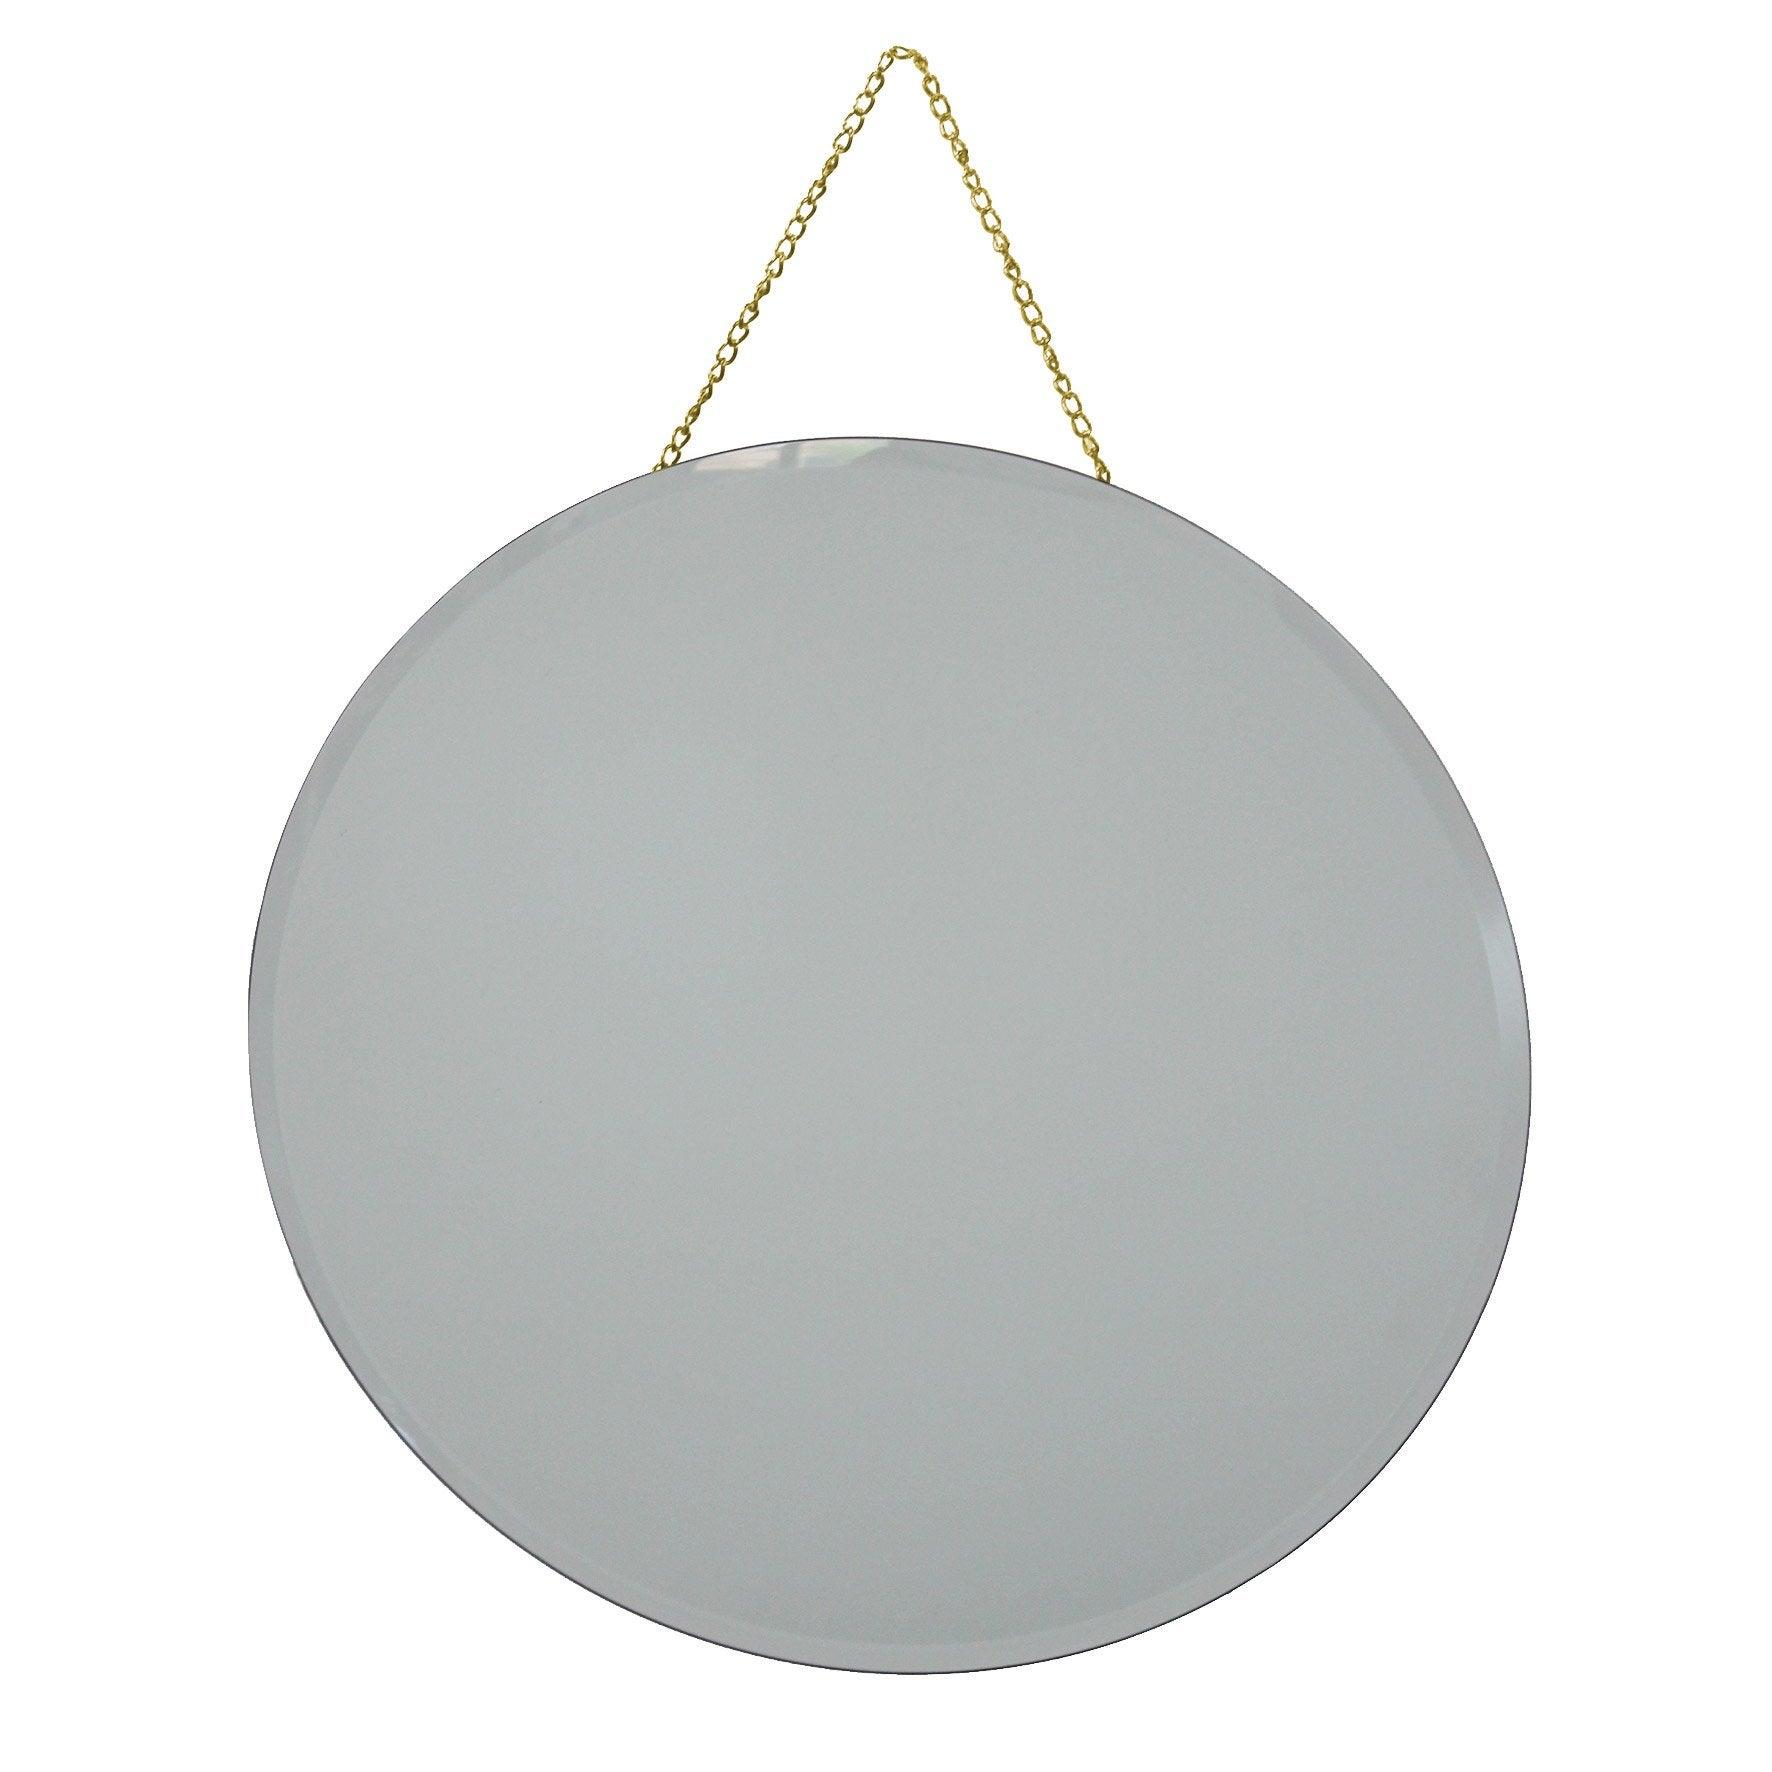 Miroir à suspendre l.30 x H.30 cm, Diam.30 cm, dore Elya